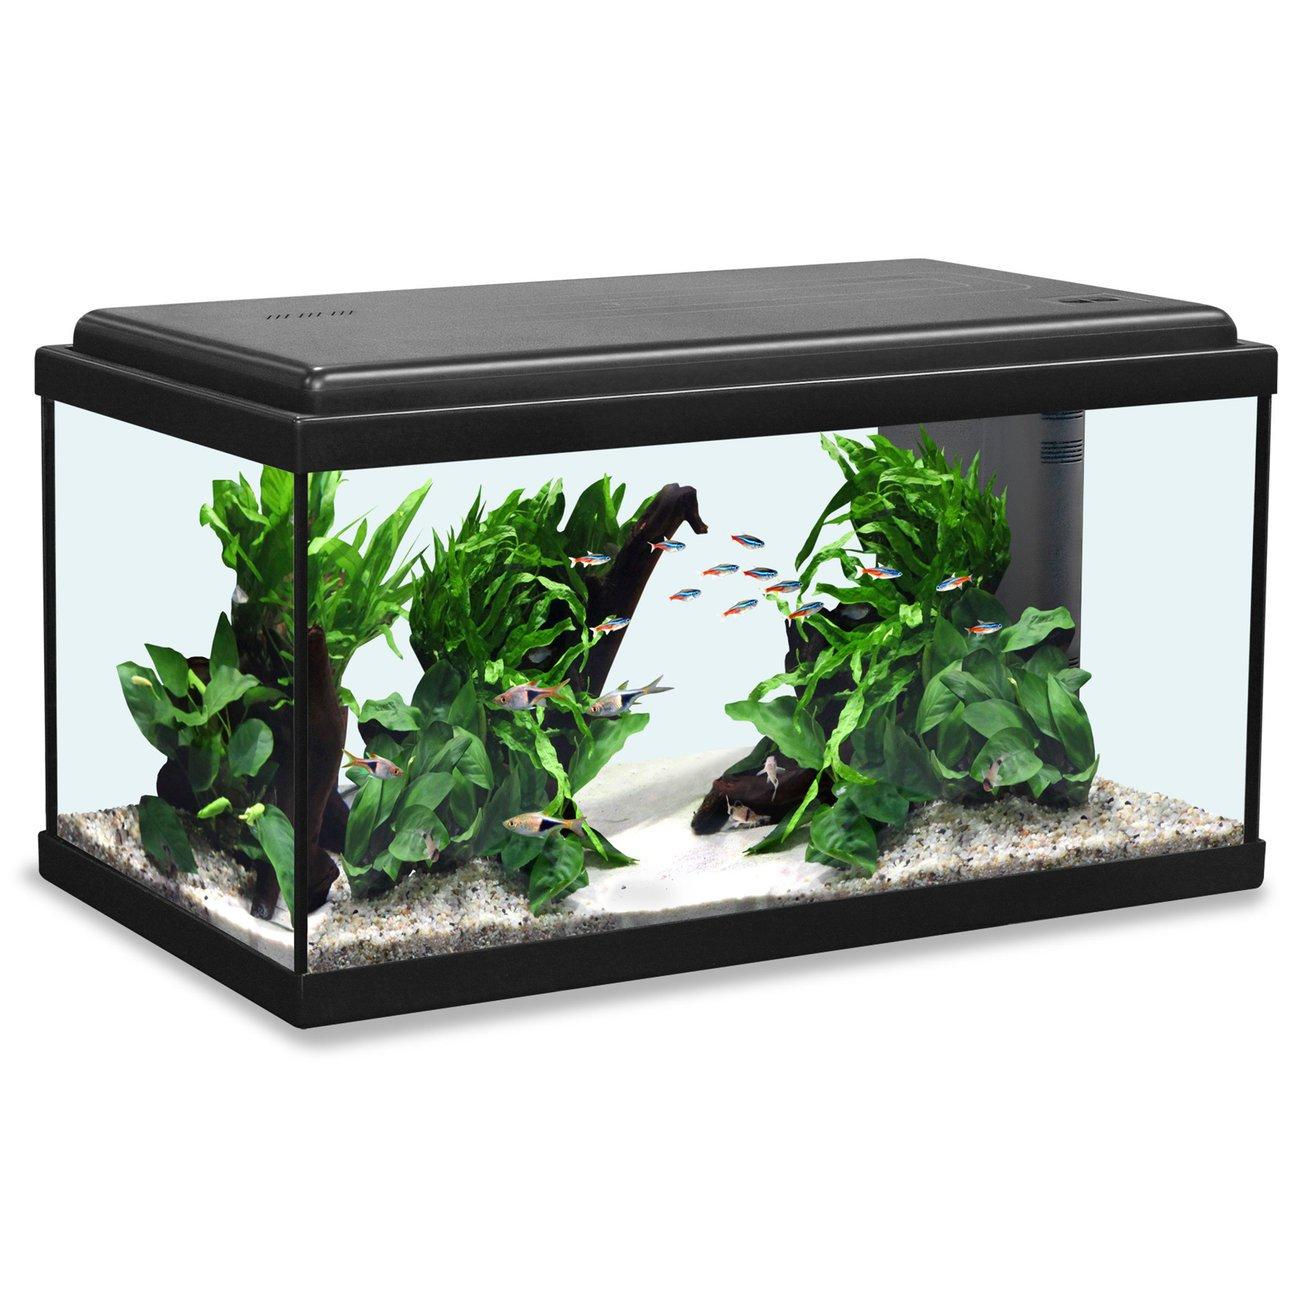 Aquatlantis Advance 60 LED Aquarium